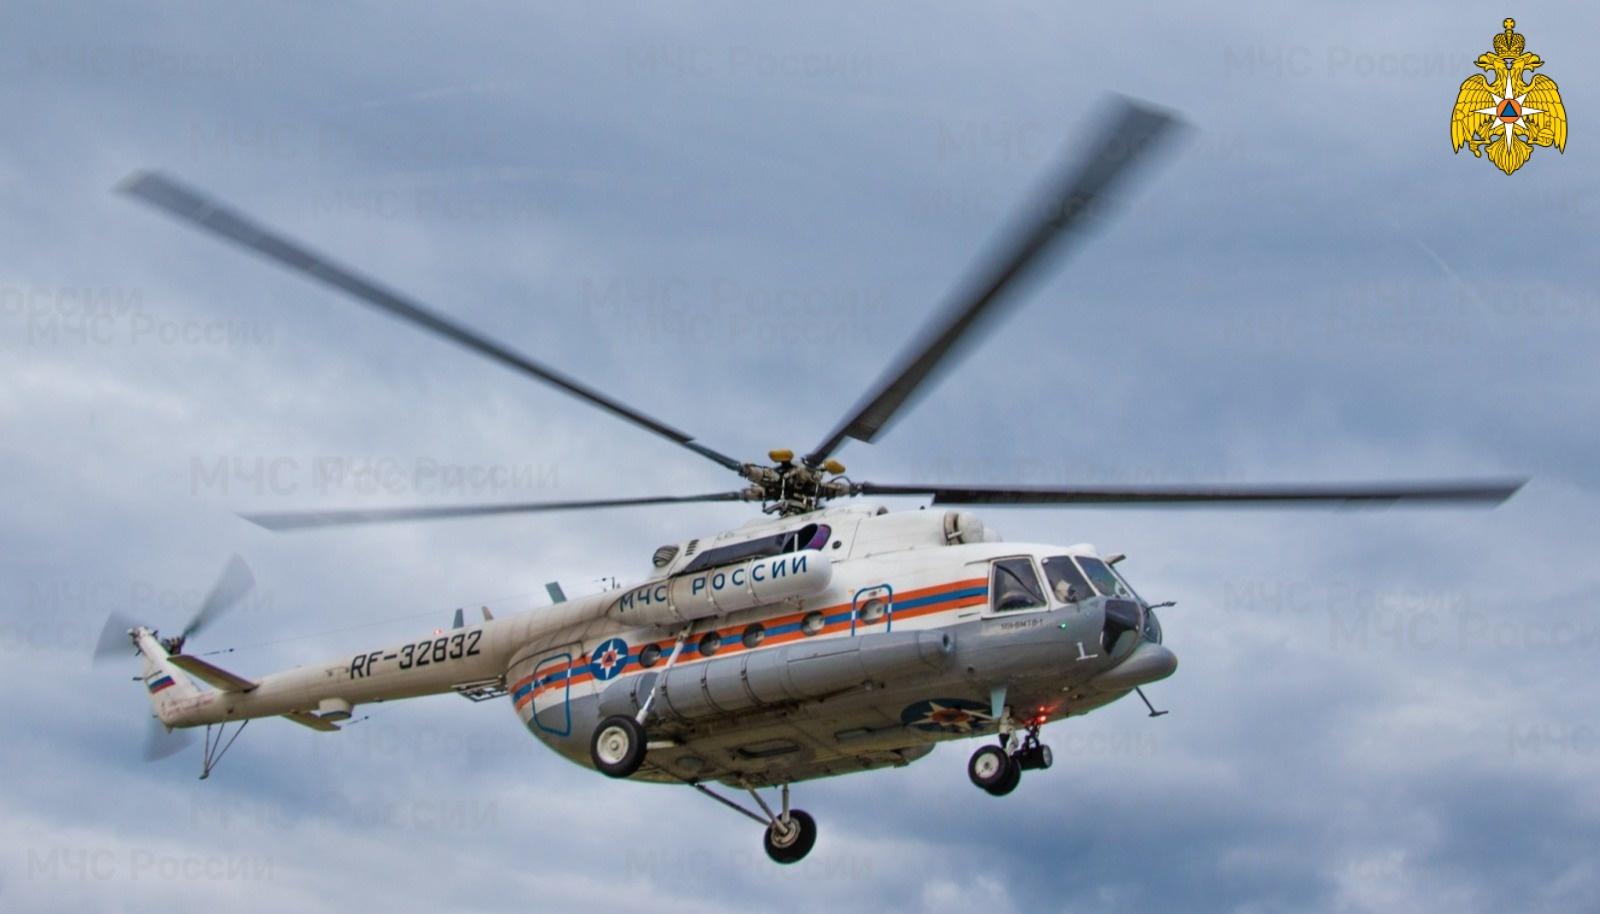 Вертолёт санавиации доставил пациента из Кимрского района в Тверь